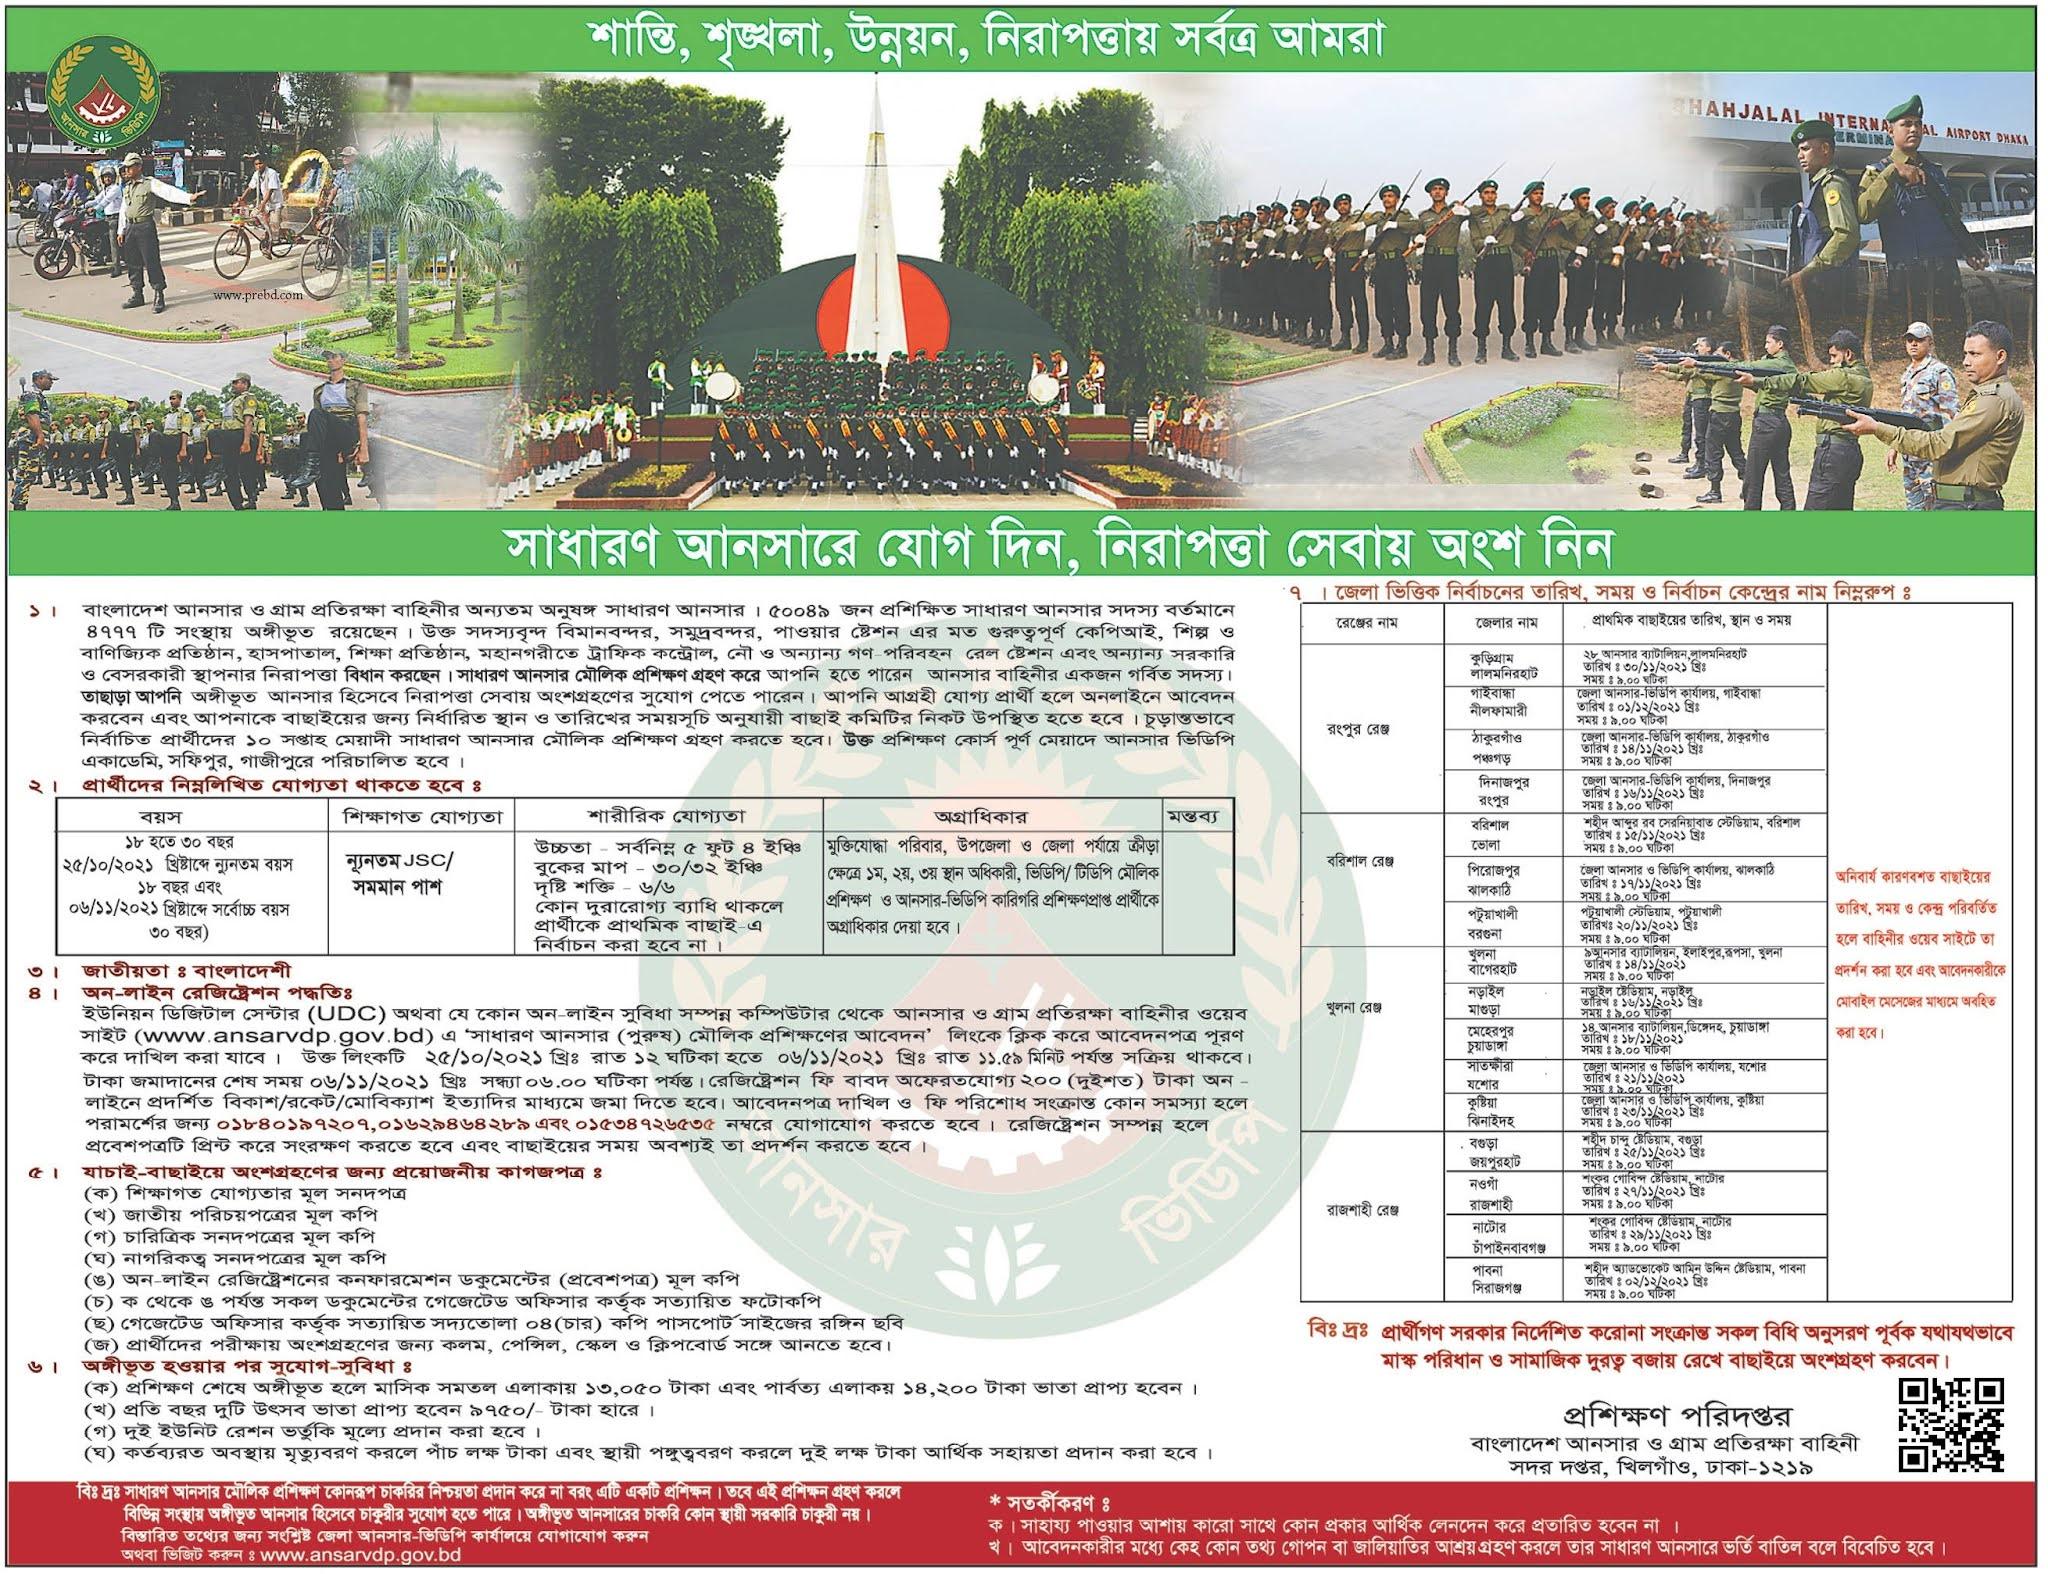 Bangladesh Ansar and VDP Job Circular 2021